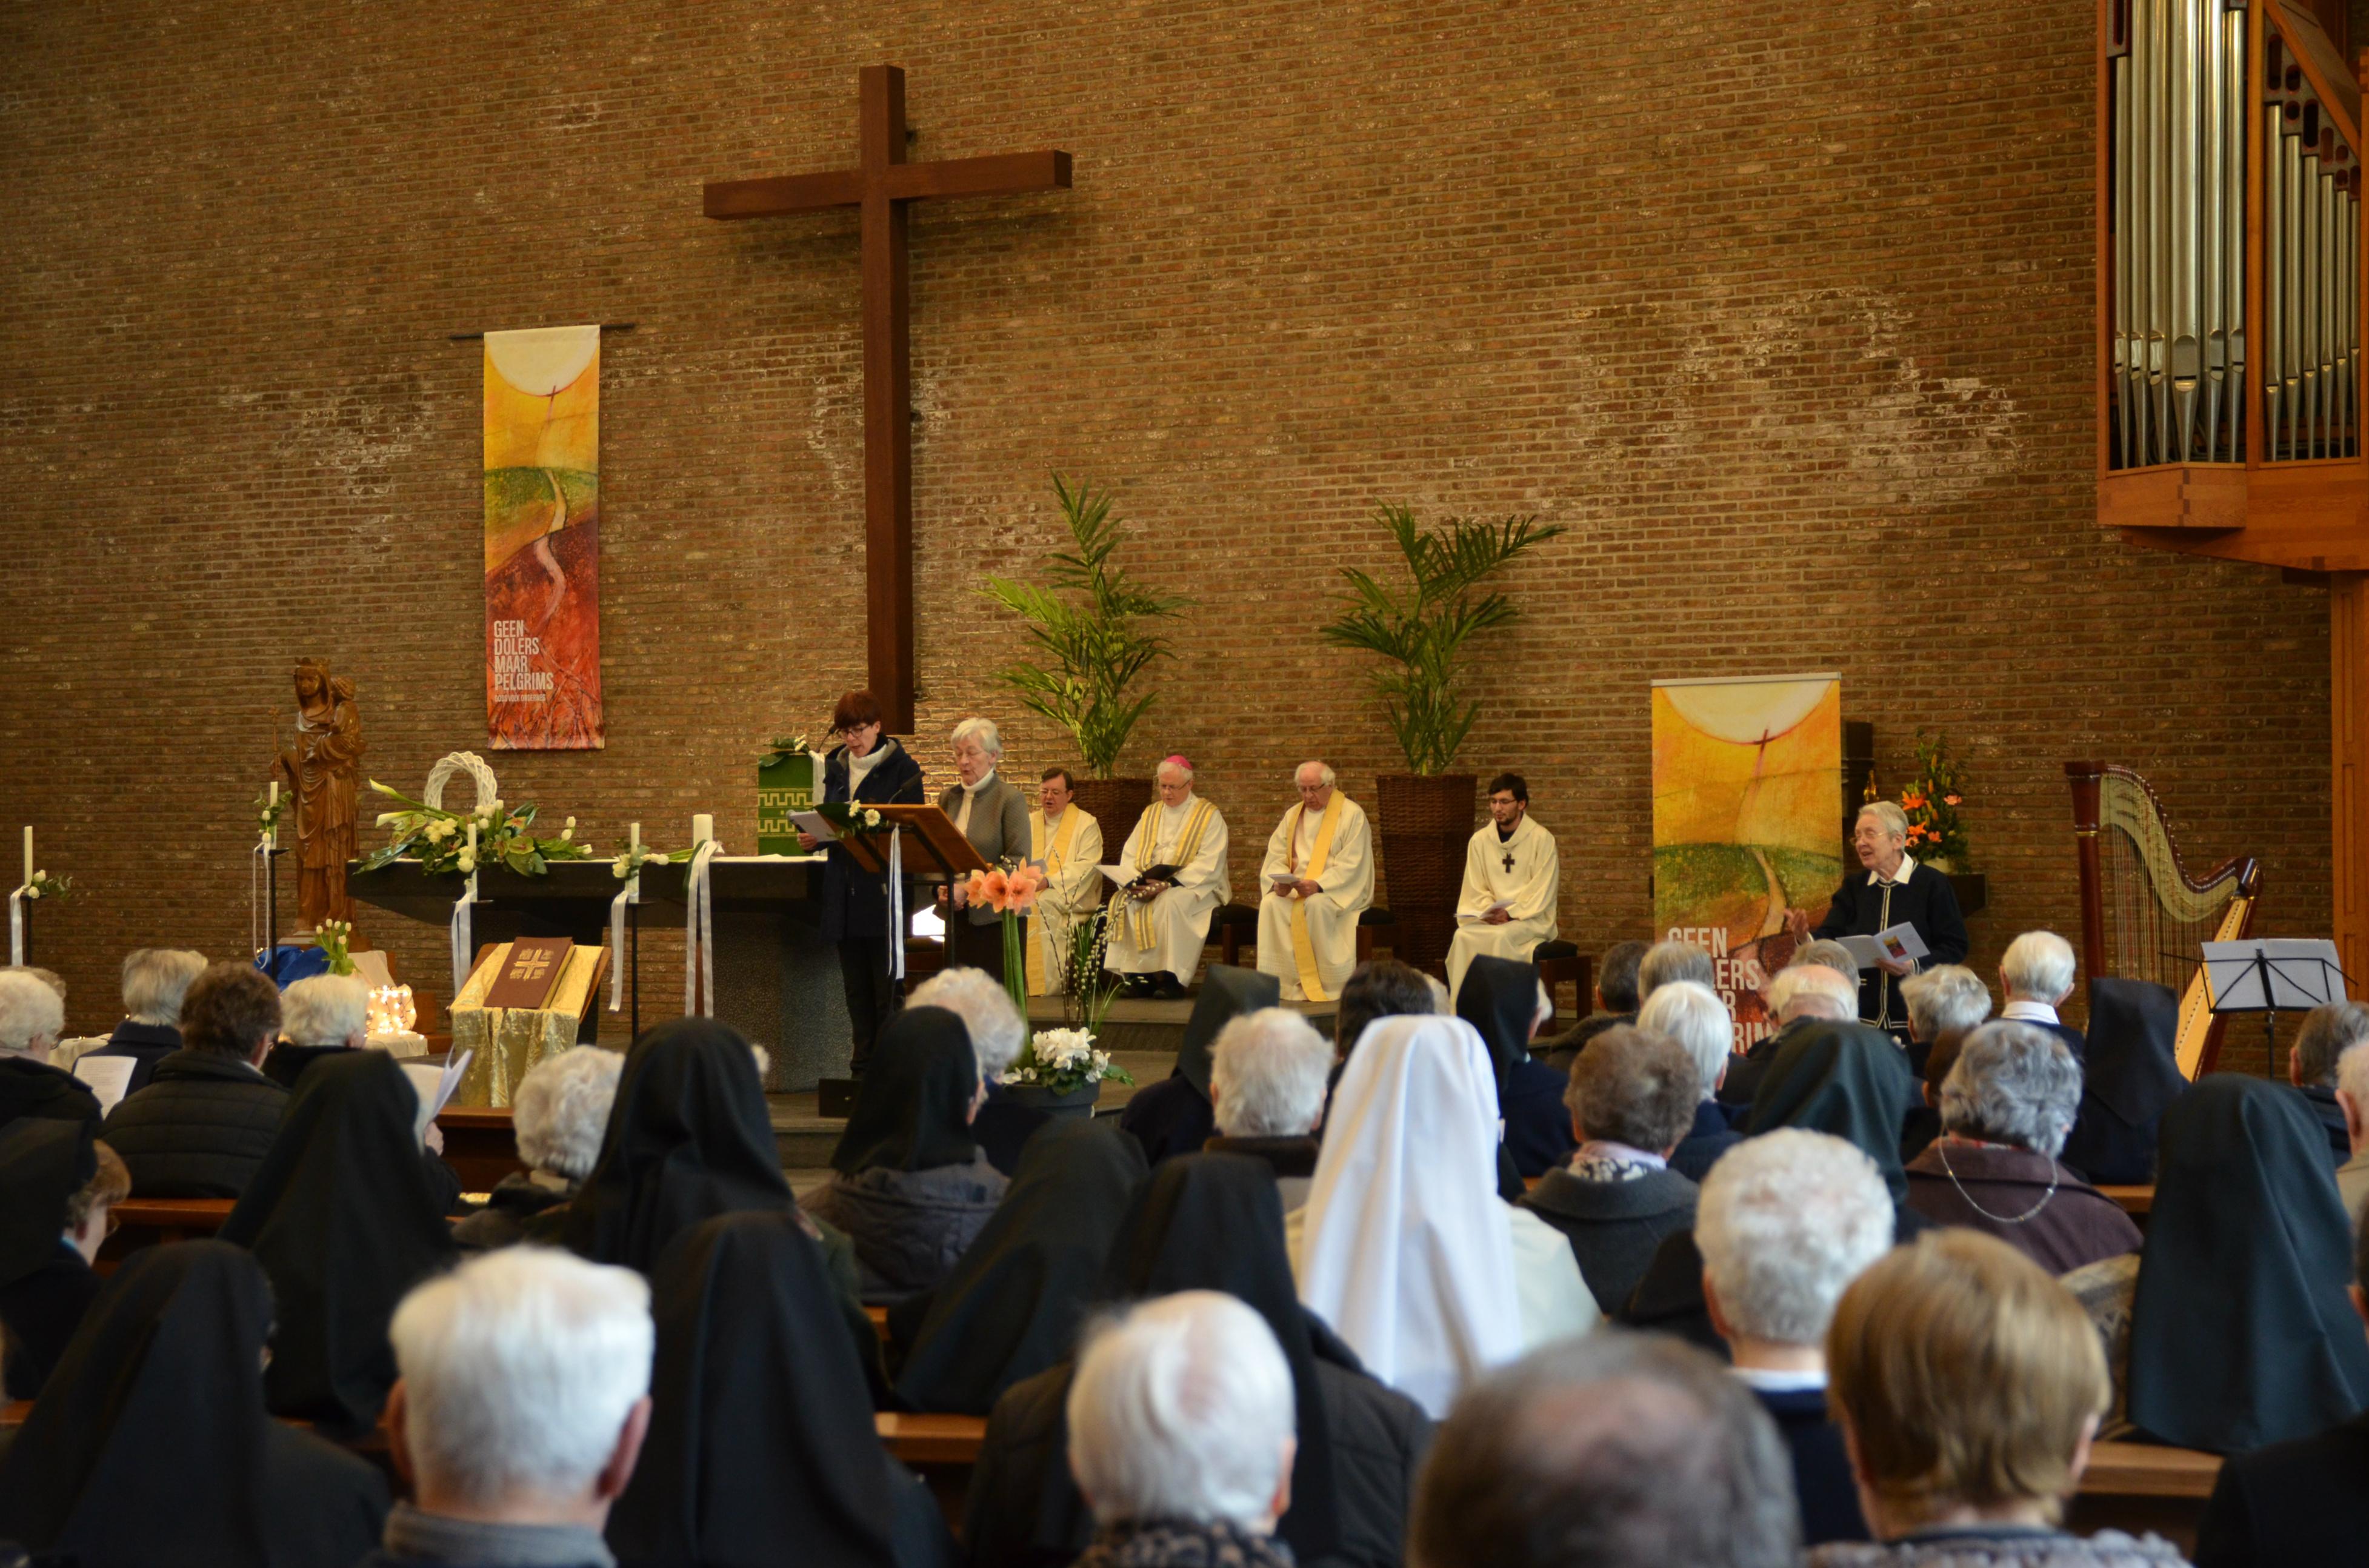 De viering stond in het teken van 'Geen dolers, maar pelgrims. Gods volk onderweg', het thema van 50 jaar bisdom Hasselt. © Tony Dupont